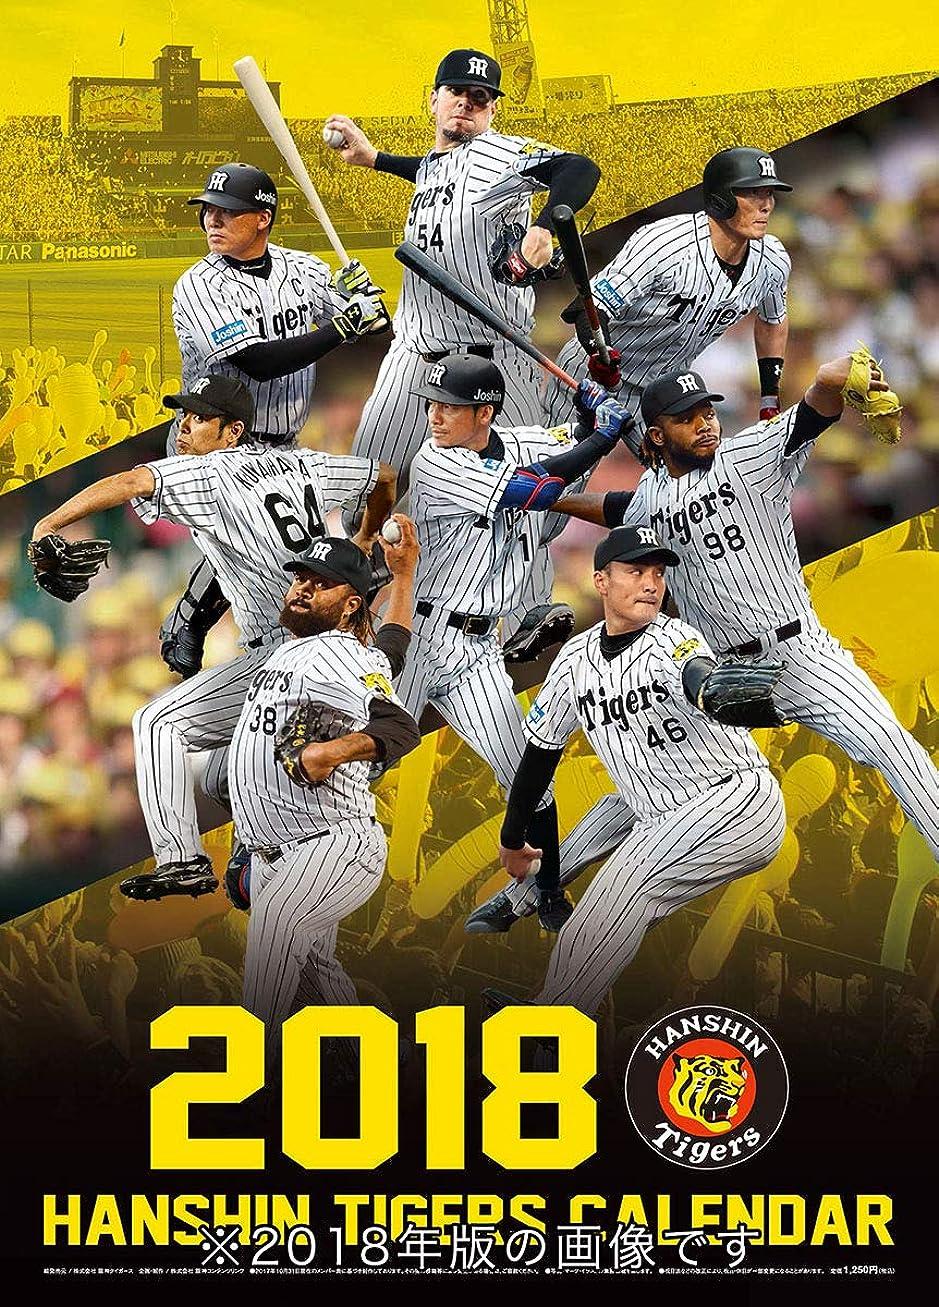 きらめく成人期スタイル阪神コンテンツリンク 阪神タイガース 2019年 カレンダー CL-559 壁掛け A2